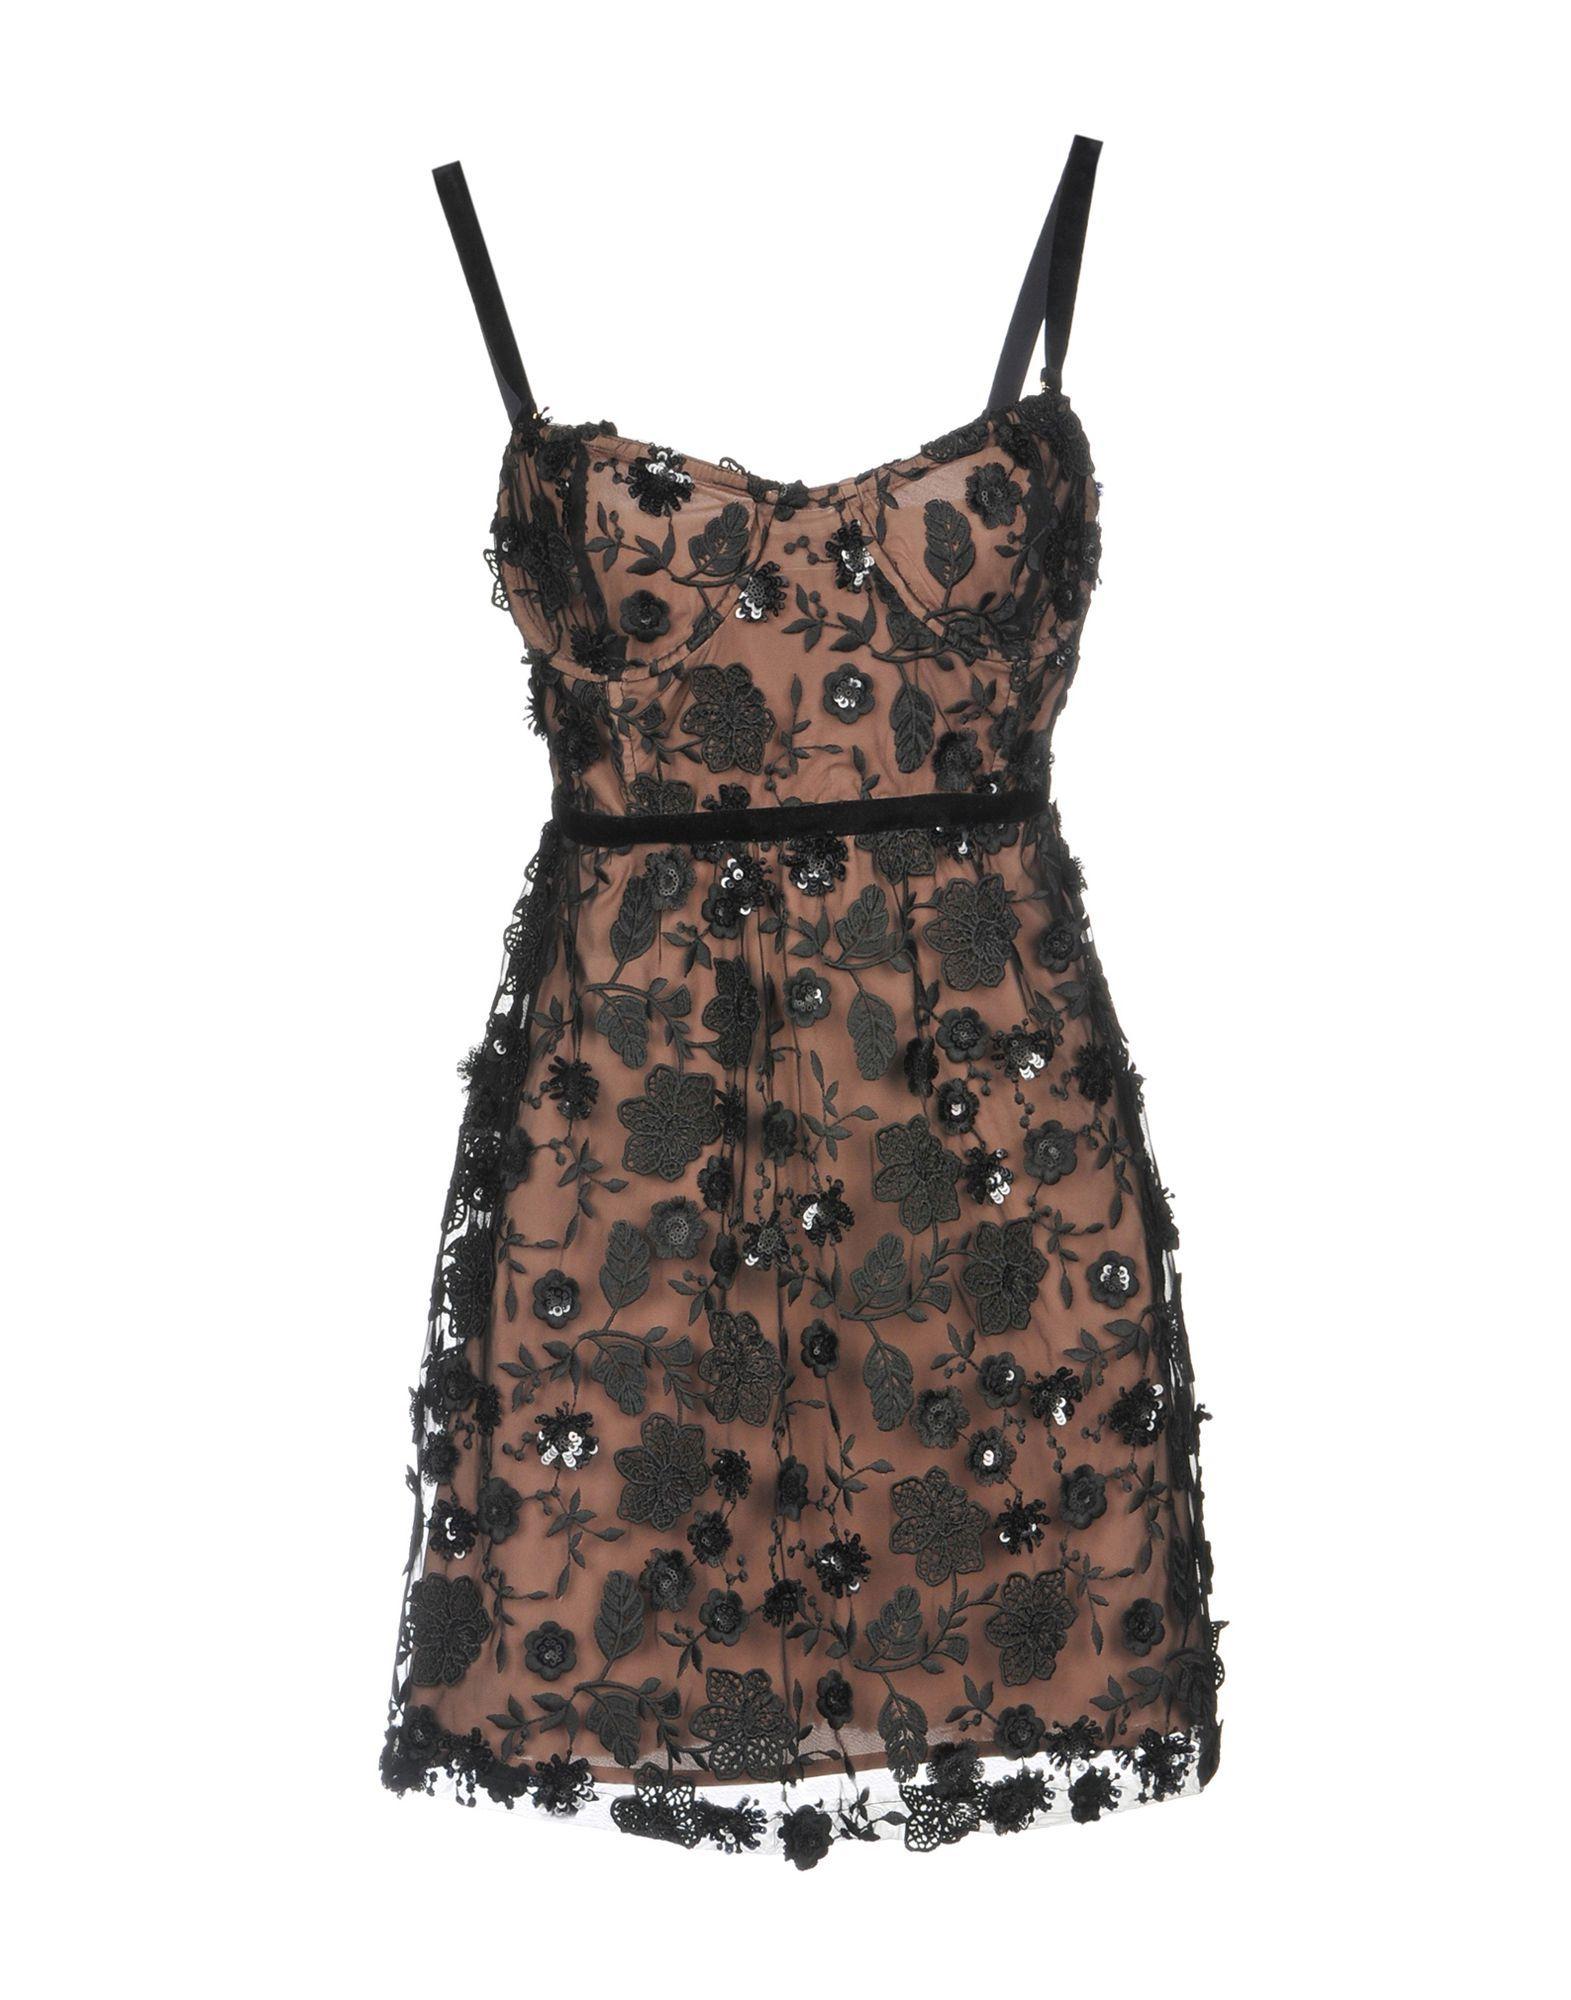 For Love & Lemons Black Embroidered Short Dress